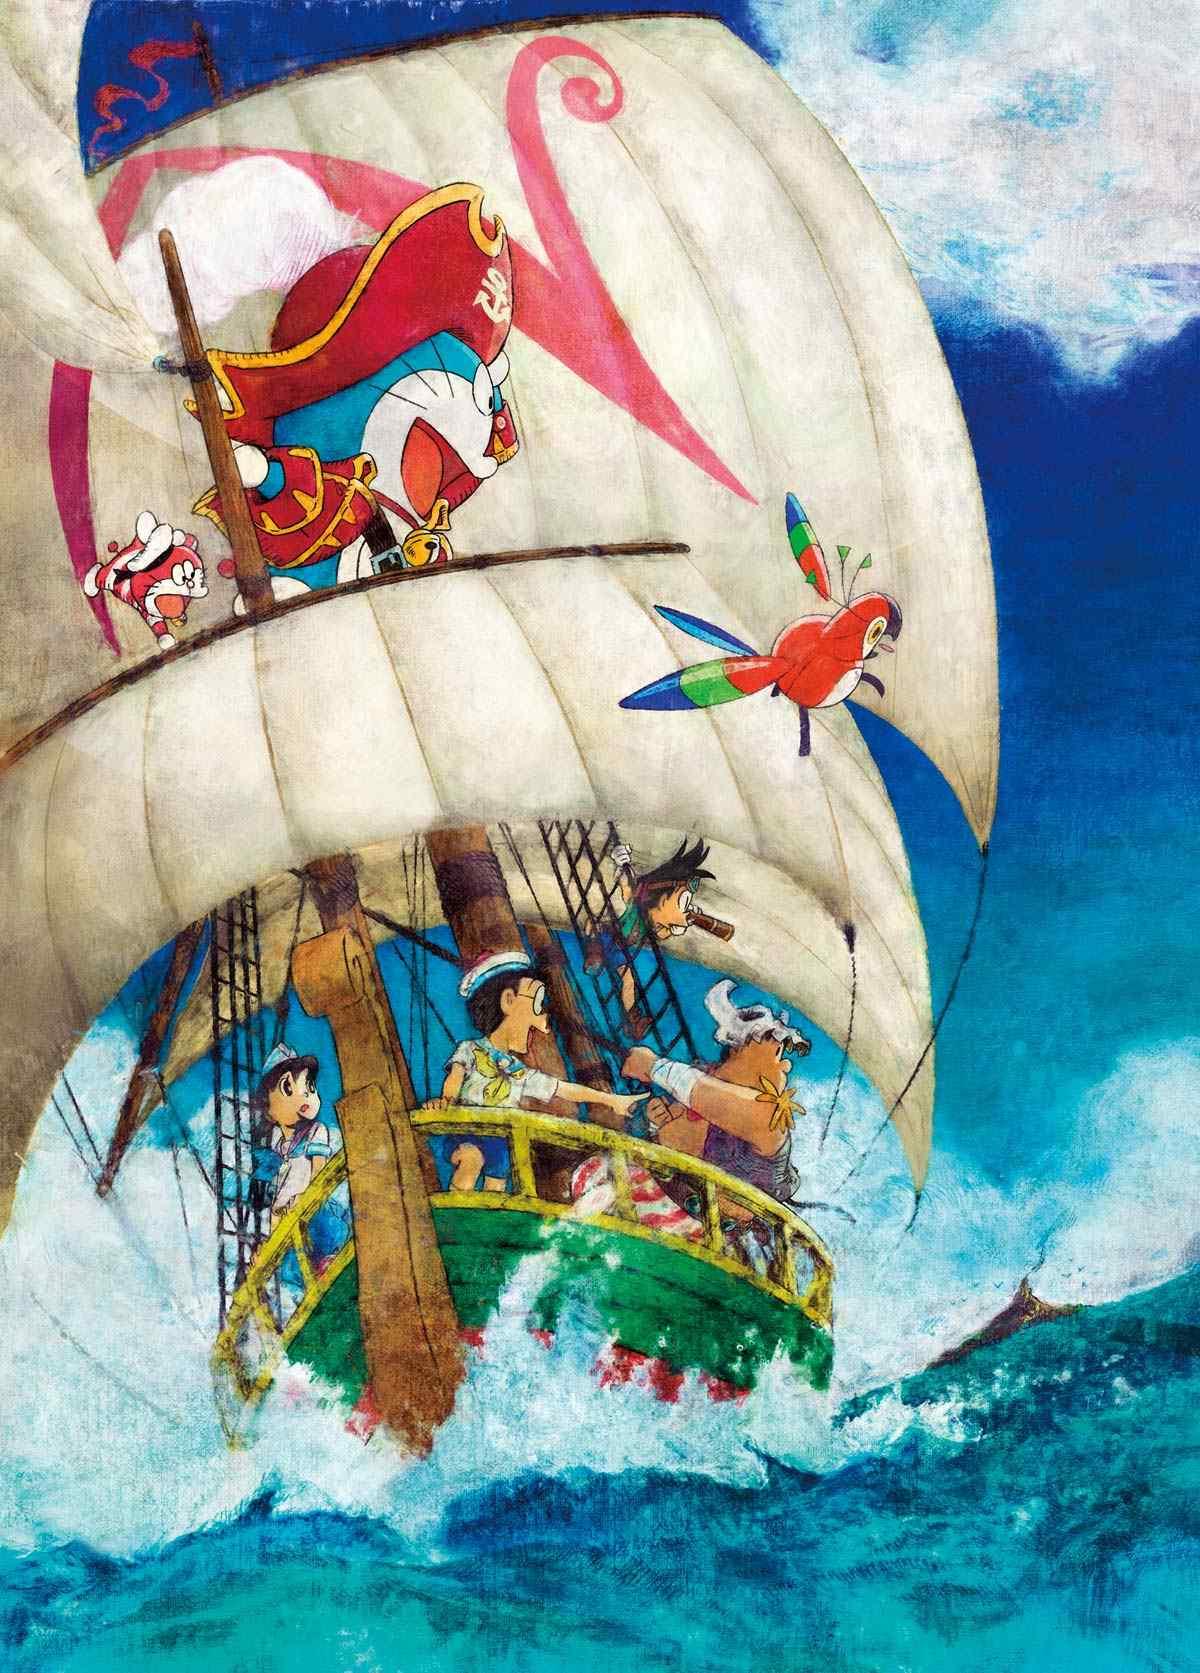 哆啦A梦:大雄的金银岛海上斗士手机壁纸